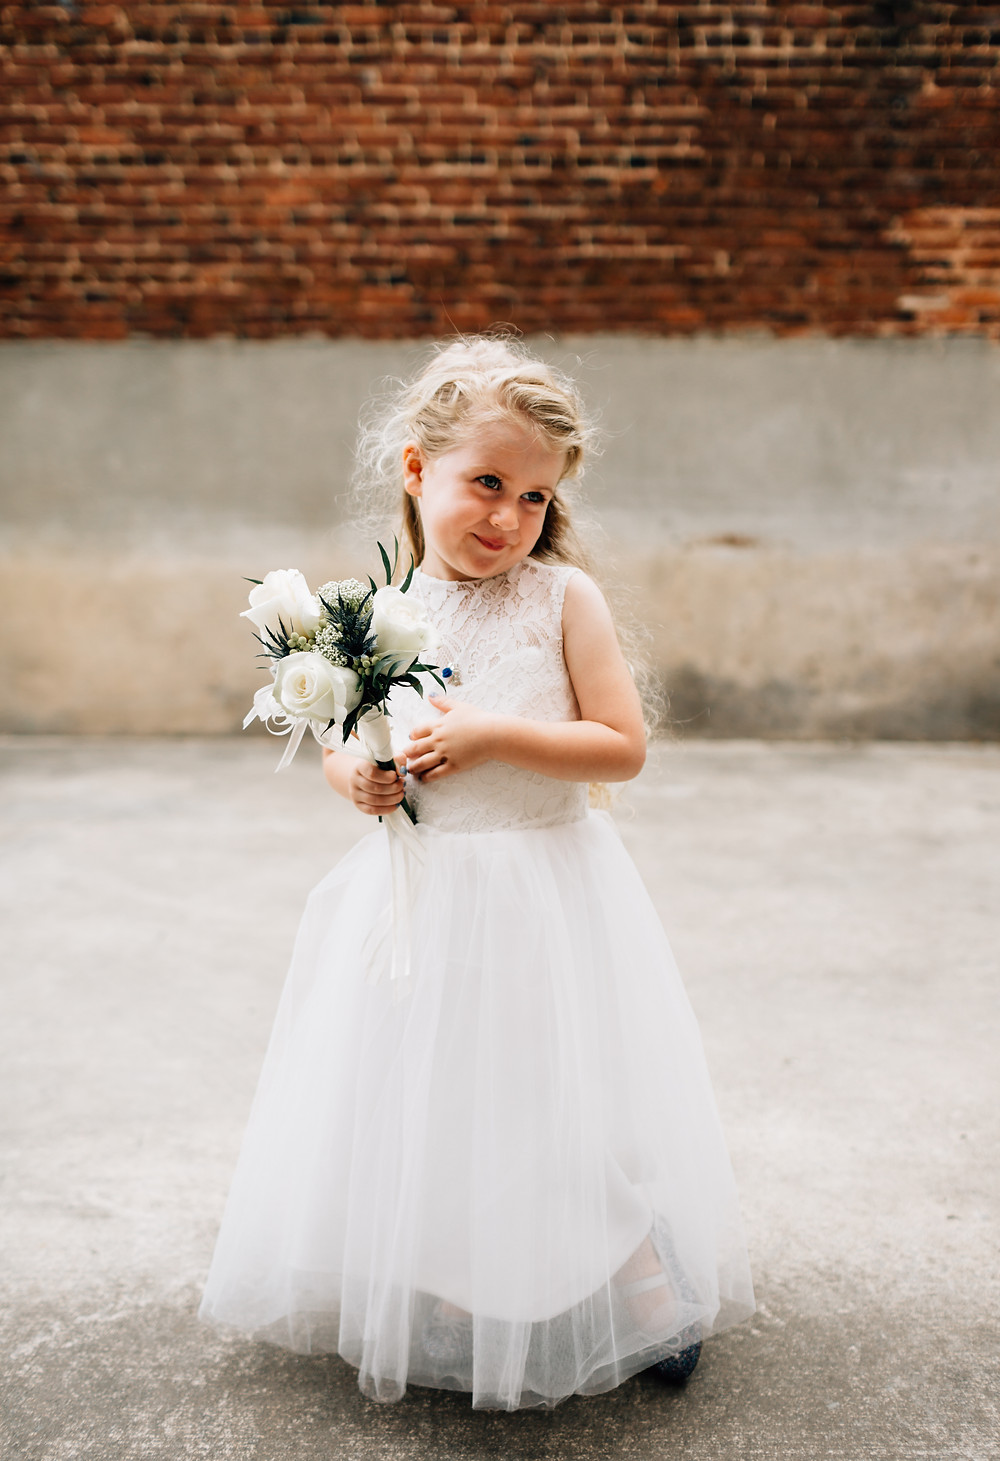 Adorable flower girl